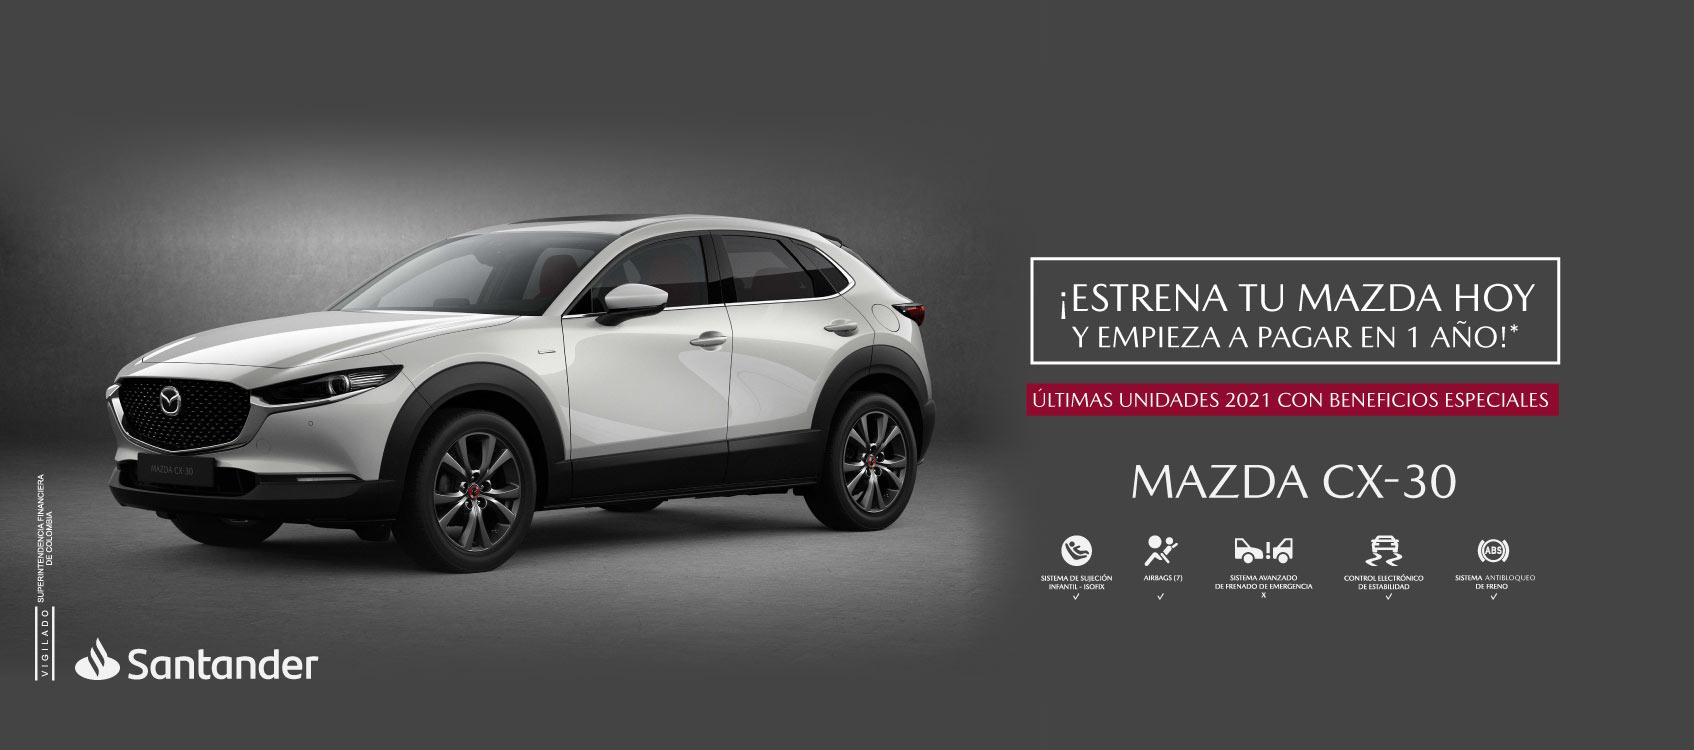 santander Mazda